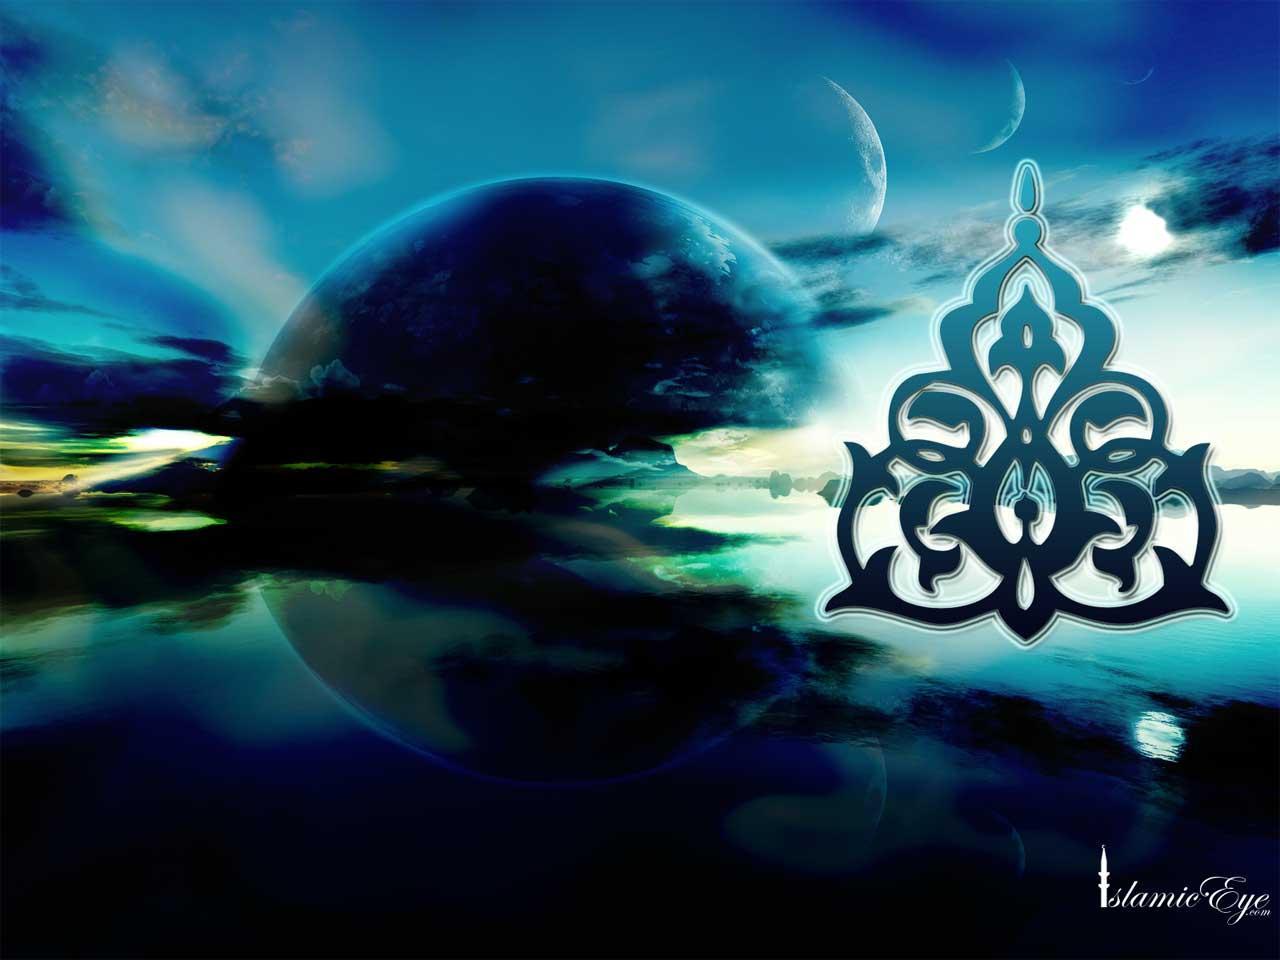 http://4.bp.blogspot.com/_AbezlZ6_eTs/SwLUnehOFBI/AAAAAAAAAD8/js5zbIjgoI8/s1600/islamic-wallpapers.jpg